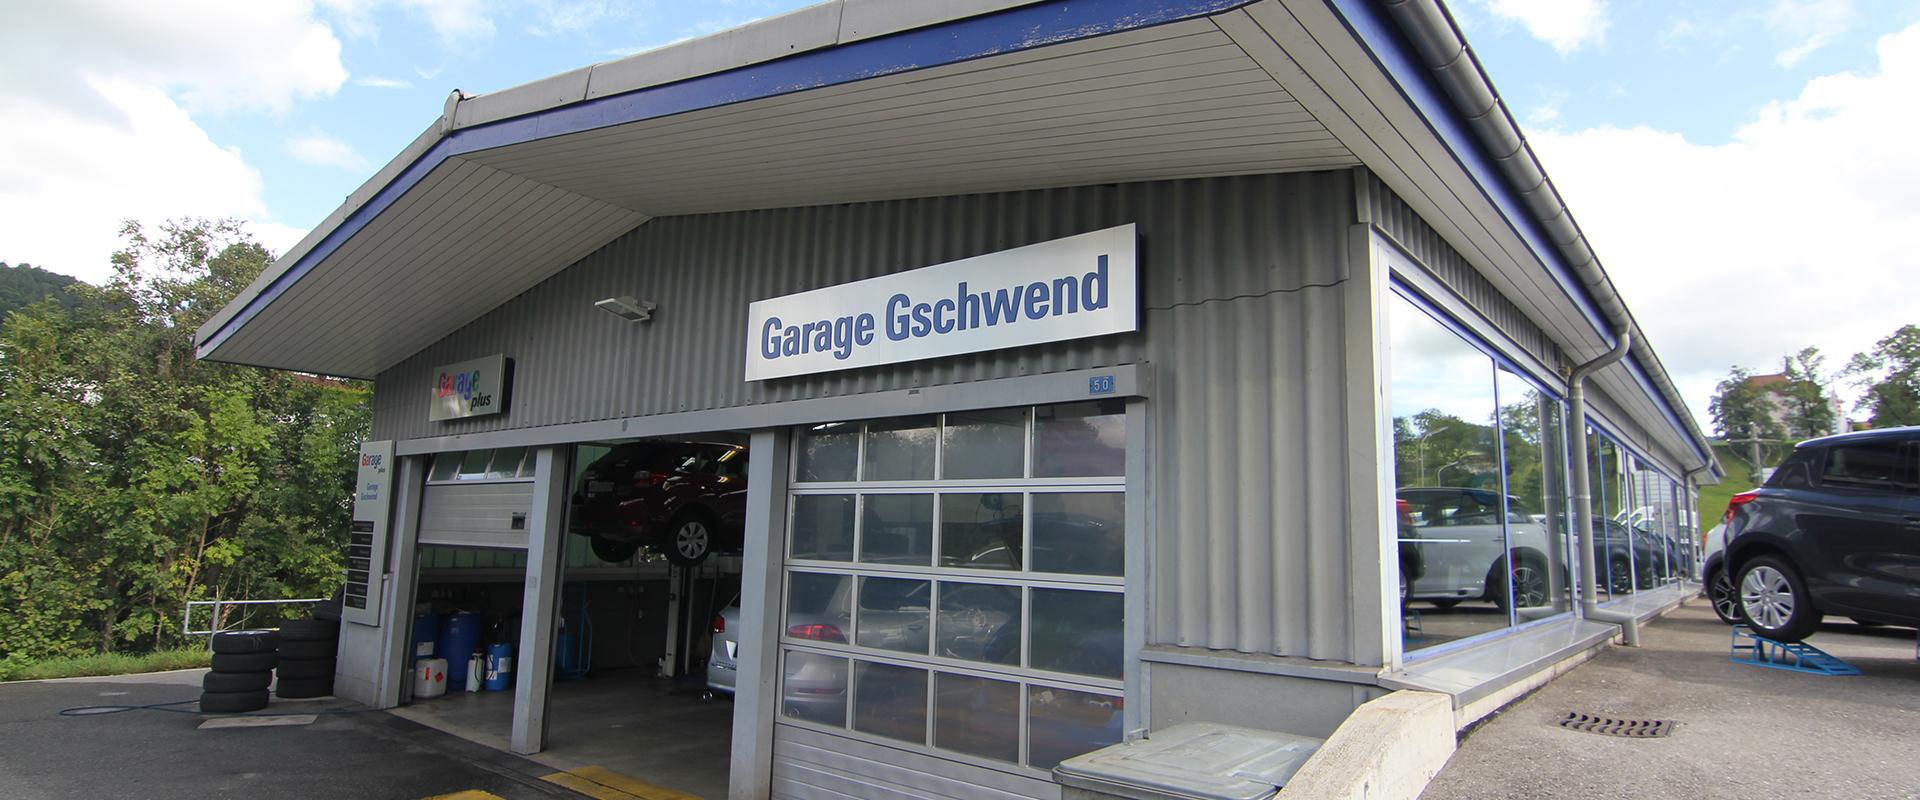 garage gschwend appenzell gmbh appenzell switzerland startseite design bilder. Black Bedroom Furniture Sets. Home Design Ideas